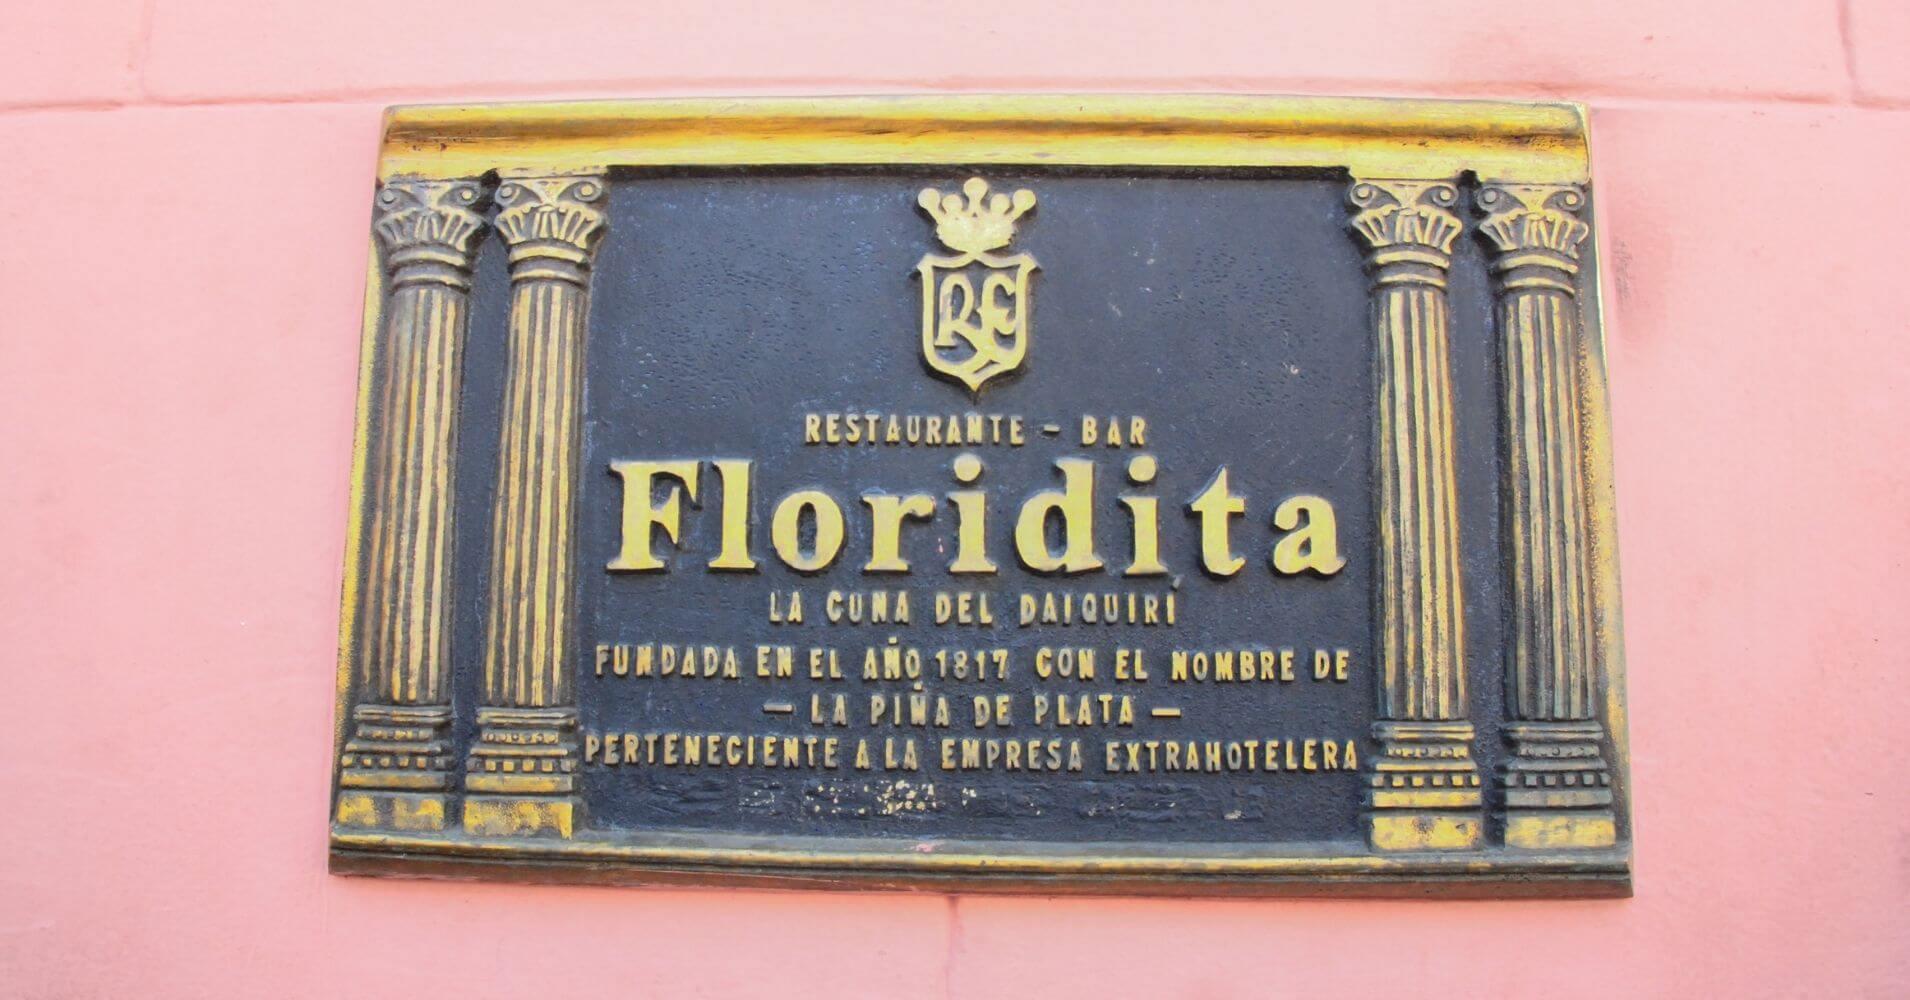 La Floridita, Cuna del Daiquiri. La Habana, Cuba.